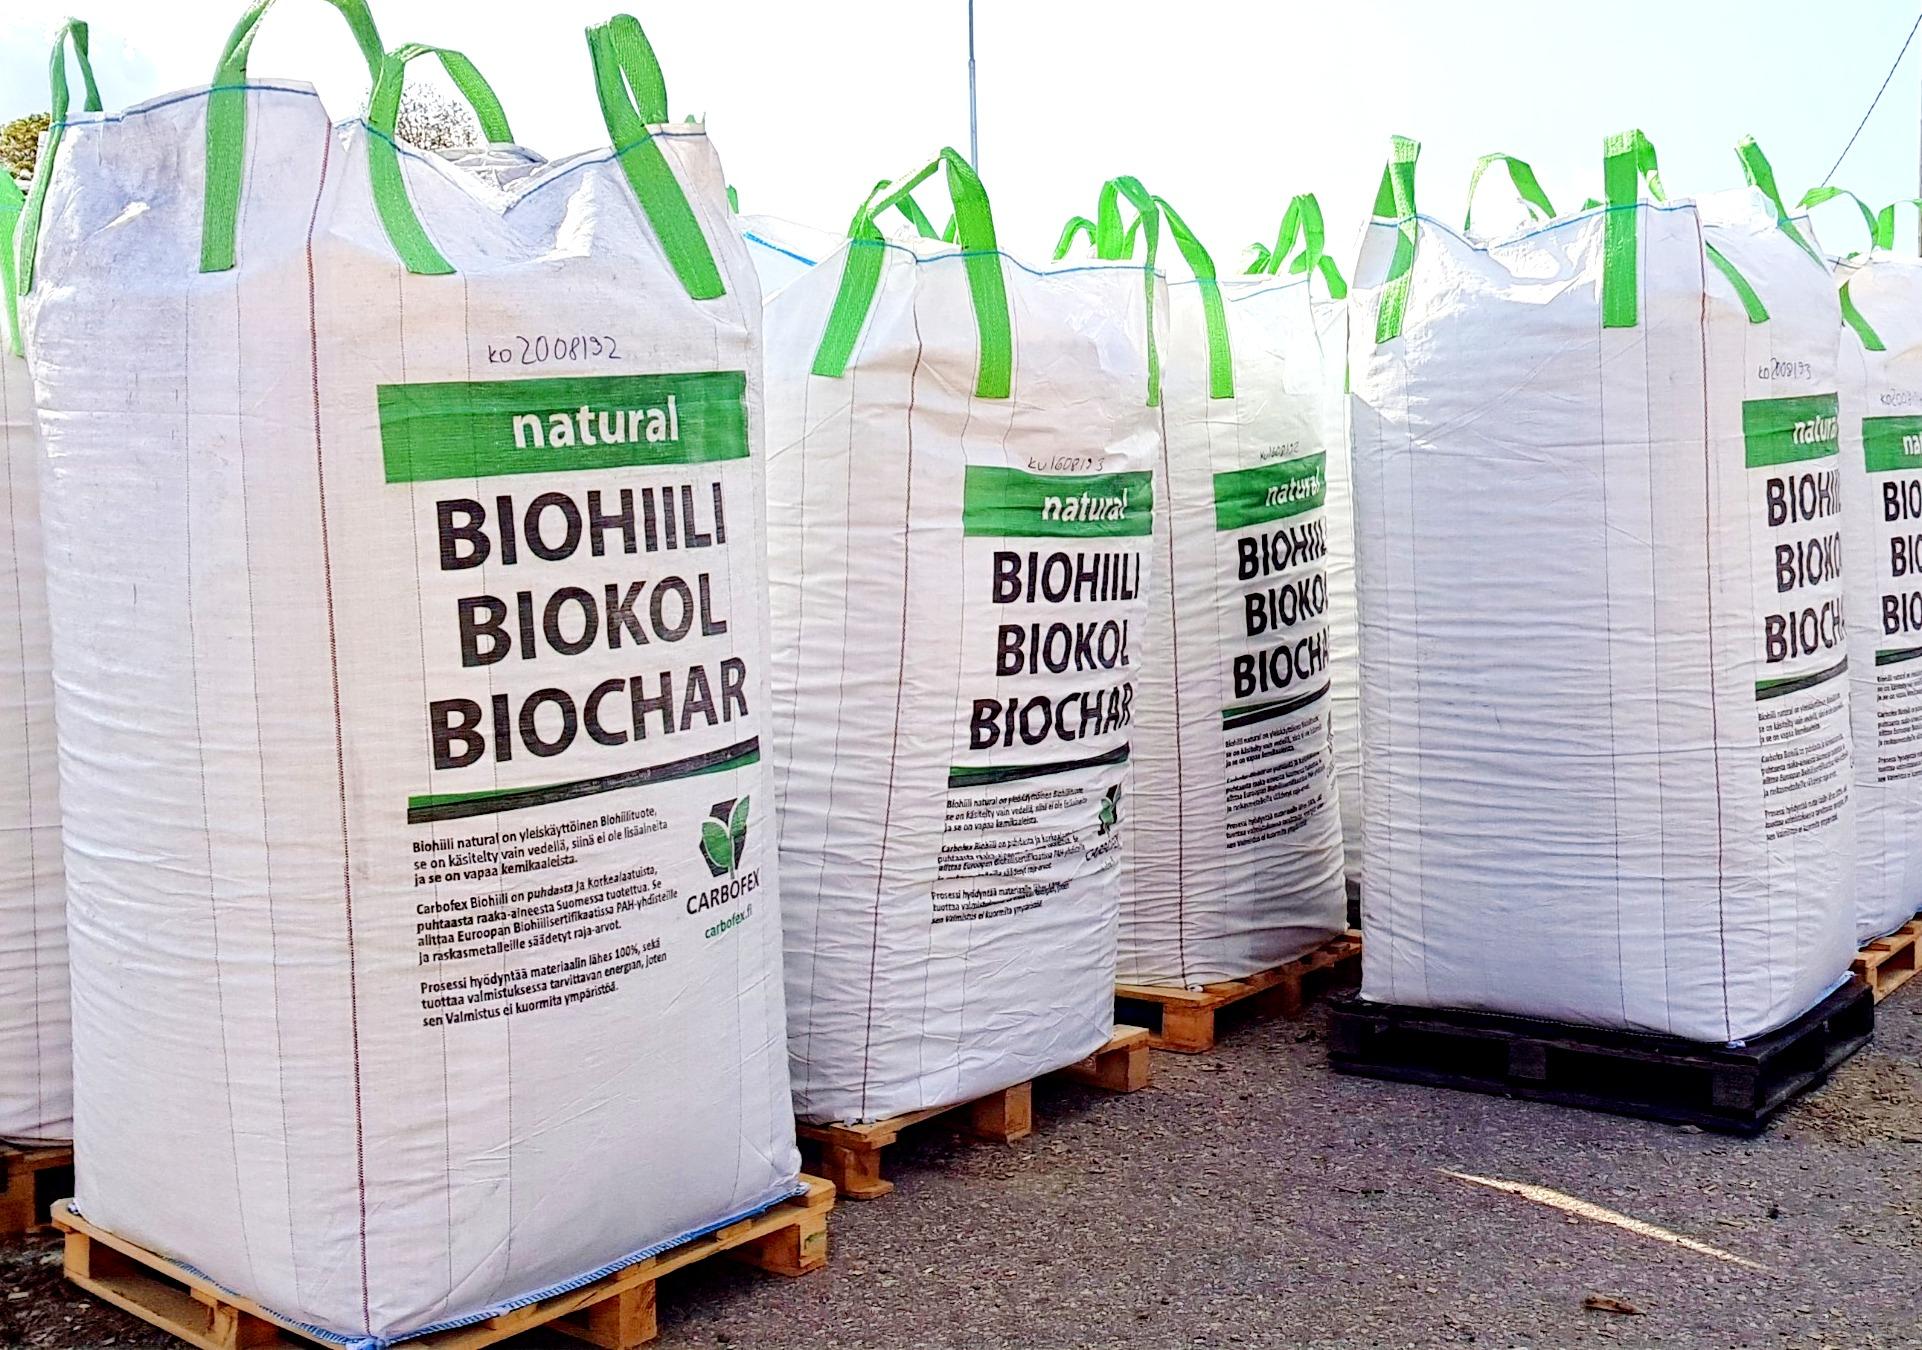 Biohiili natural 1.75 m3 suursäkki